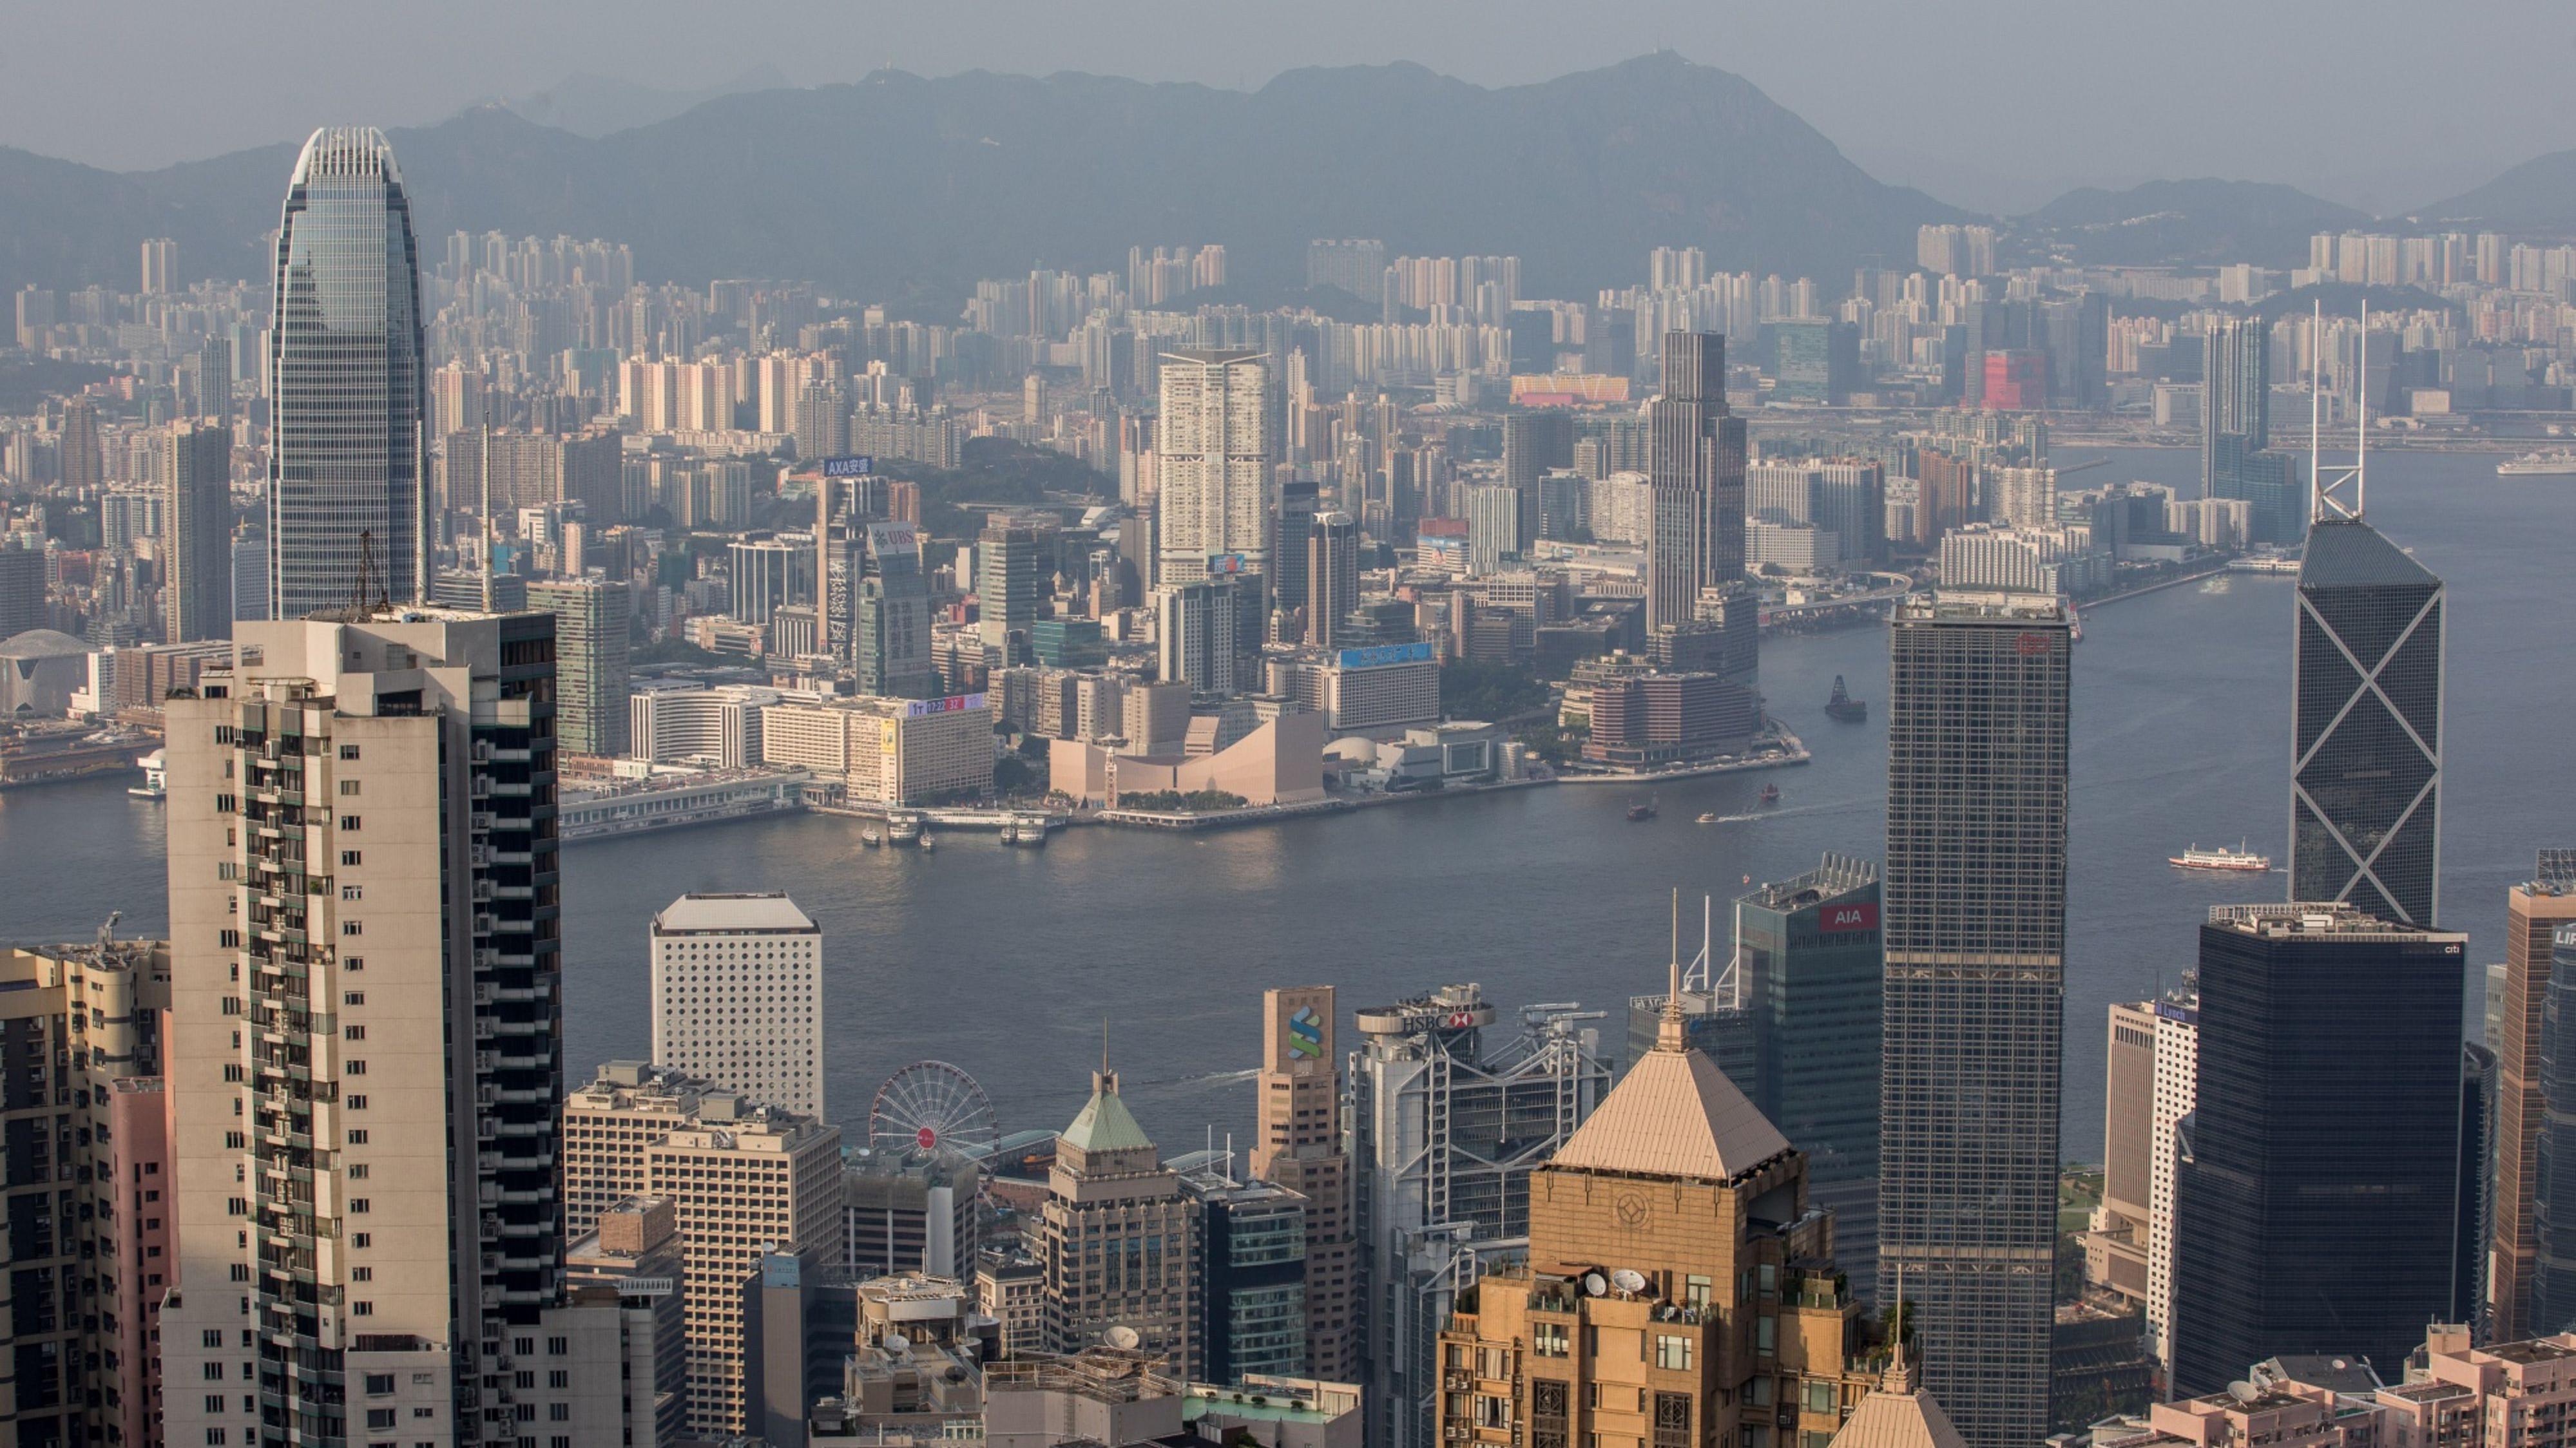 Китай ще изпревари САЩ като най-голямата икономика в света до 2028 г, прогнозира доклад - Bloomberg